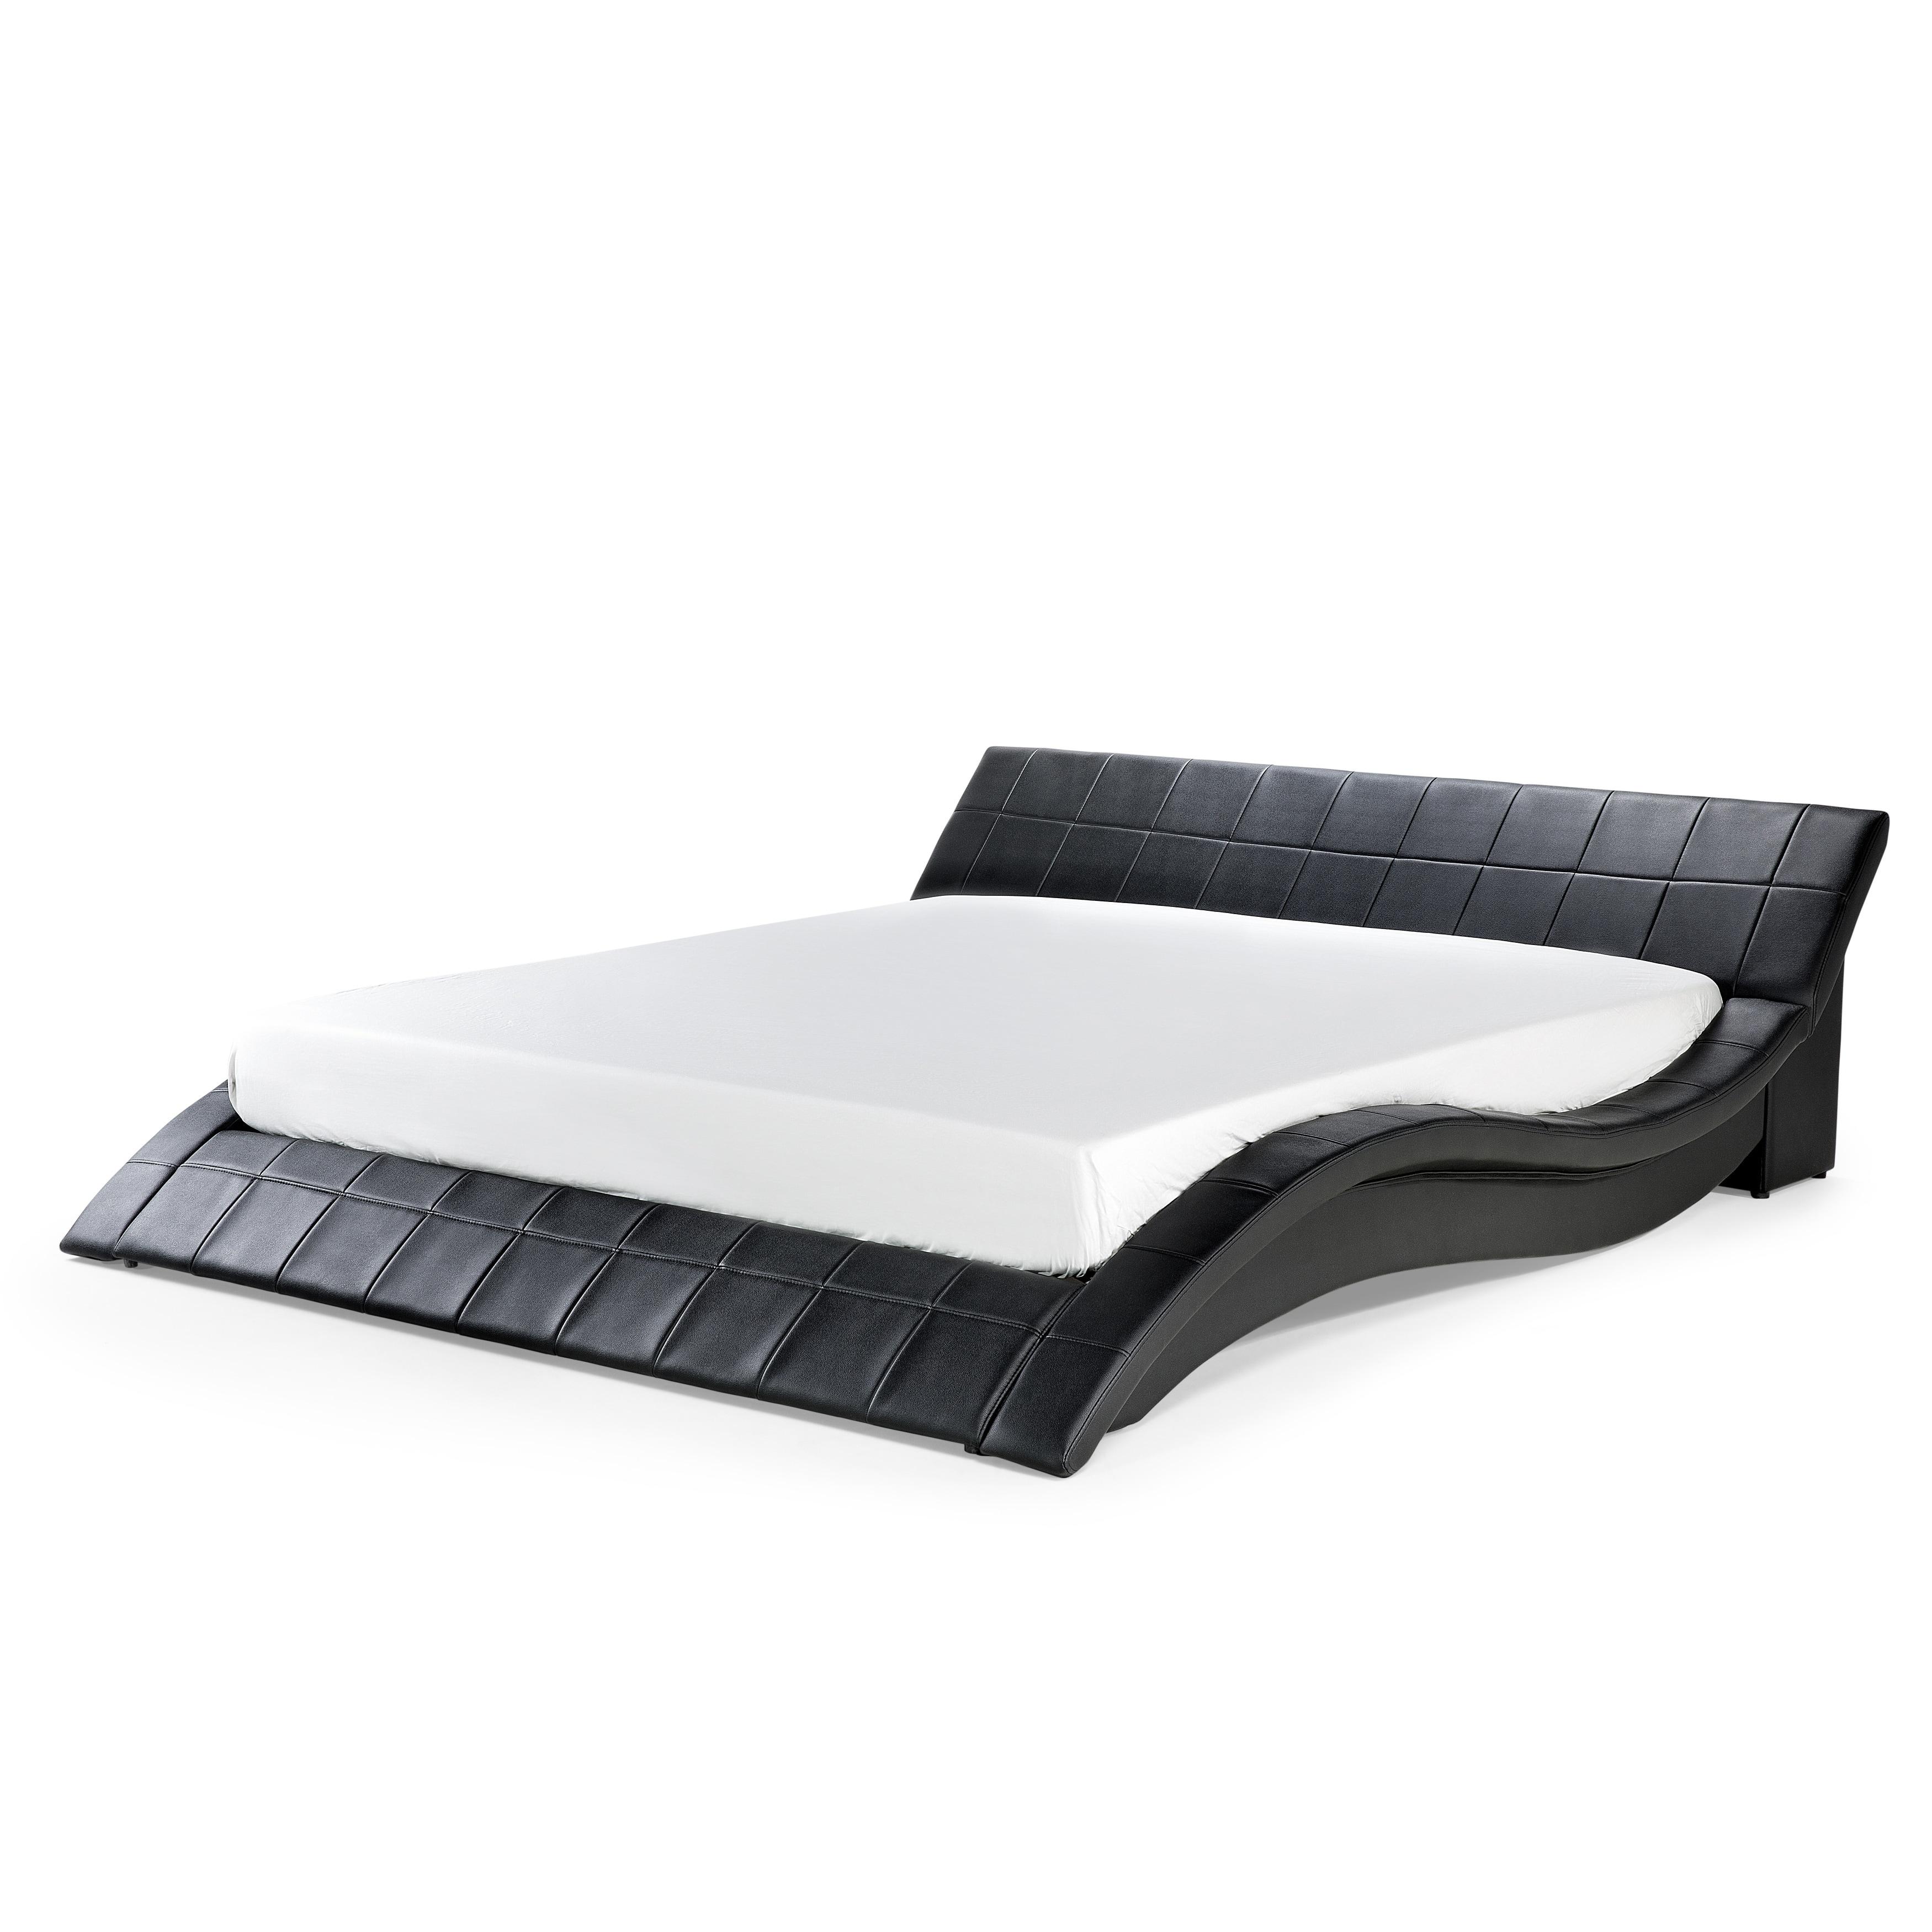 Platform Bed in Wave Design with Slatted Frame - King or Queen ...